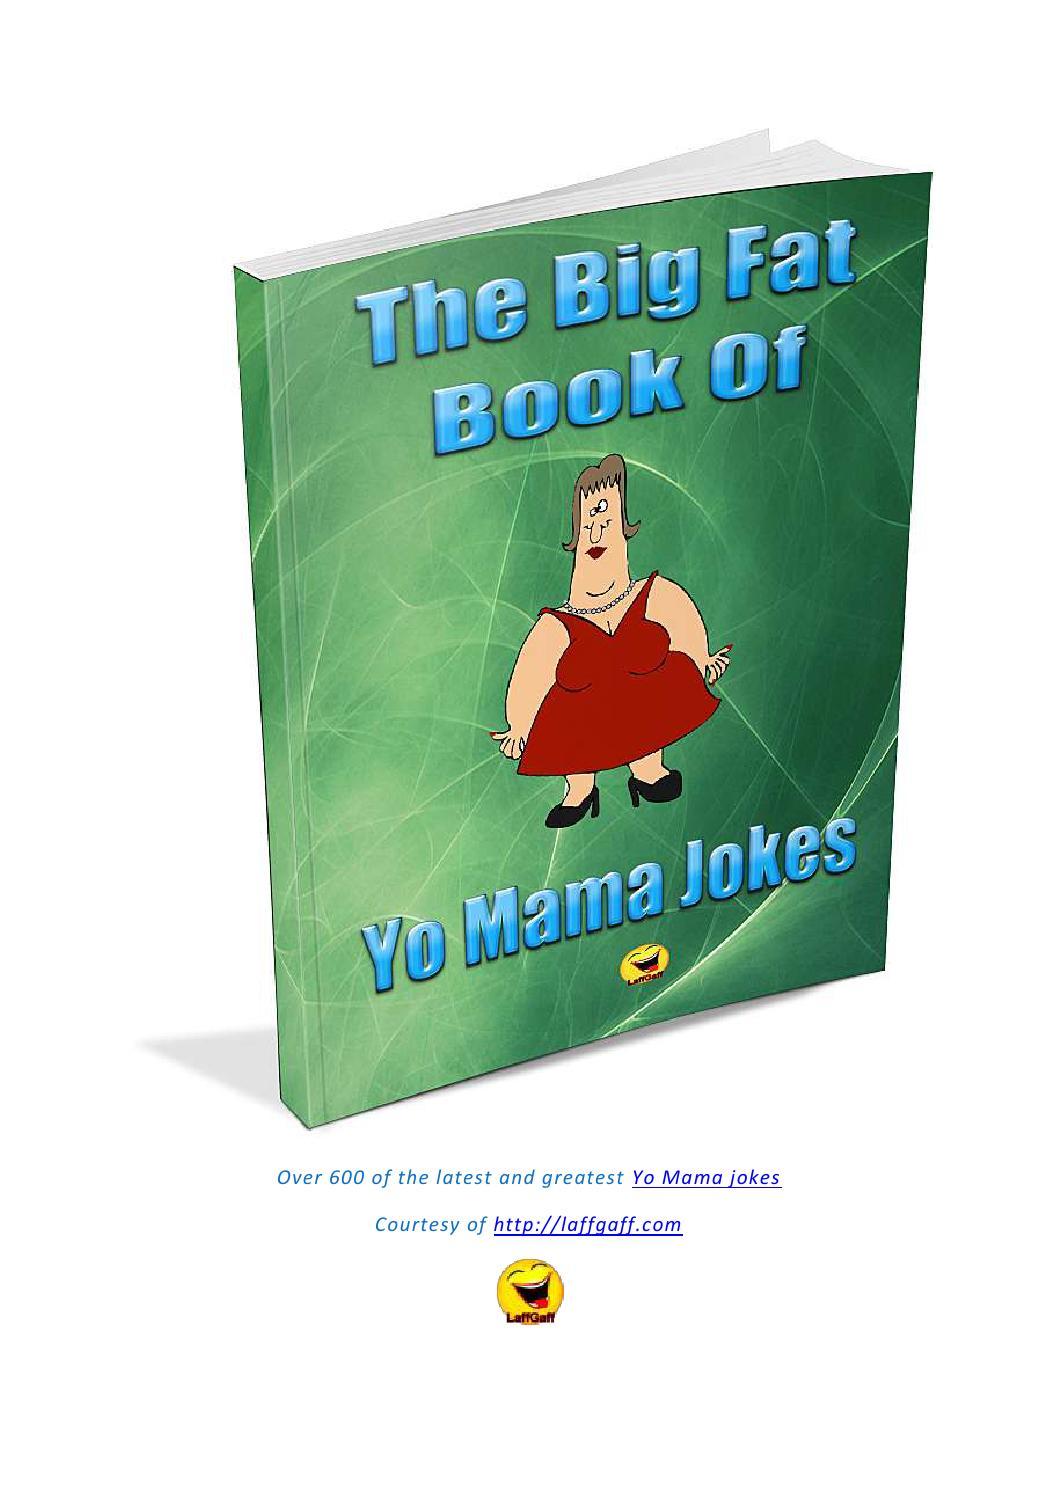 So big yo mama jokes head Yo Mama